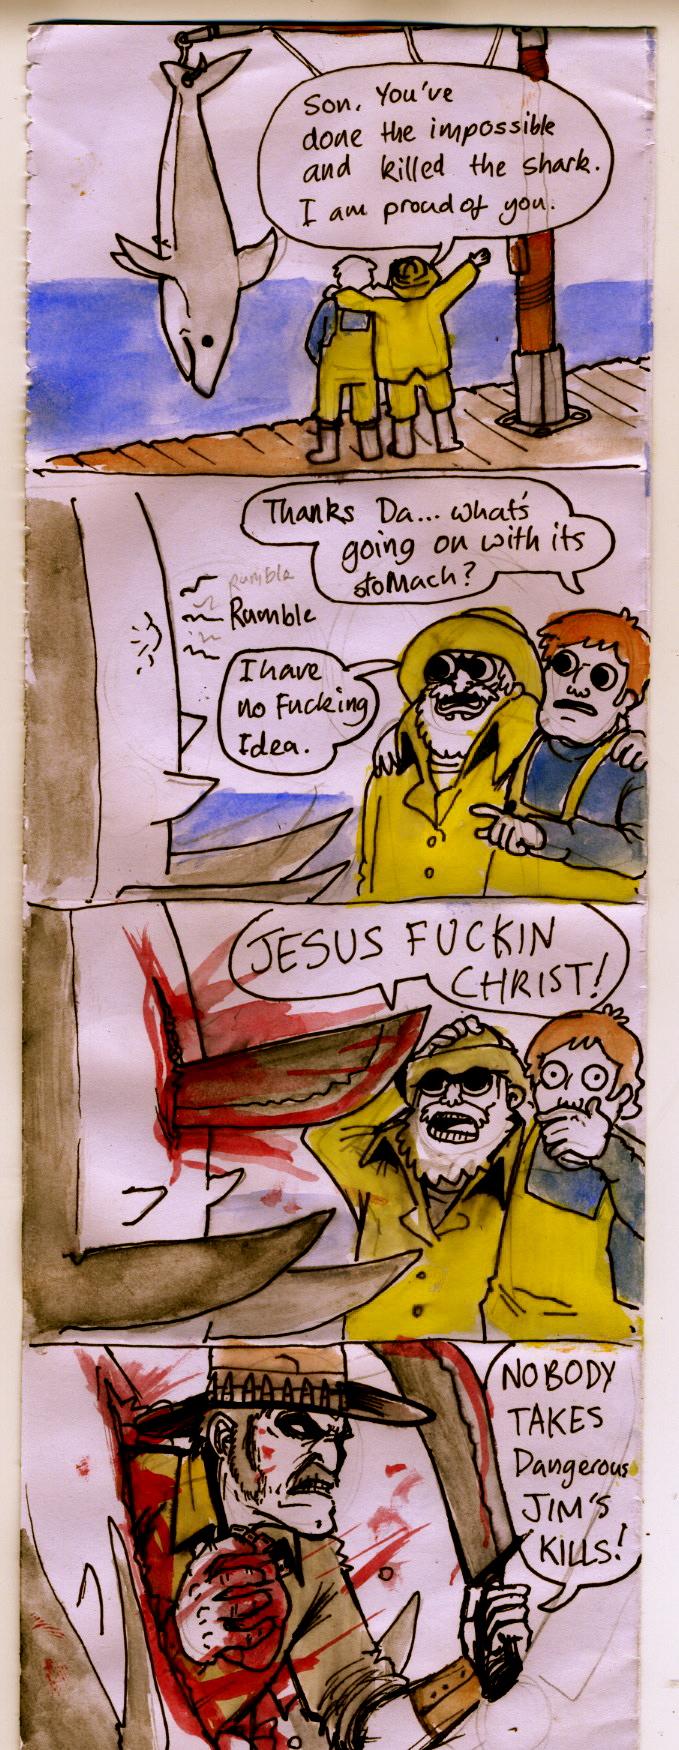 DANGEROUS JIM